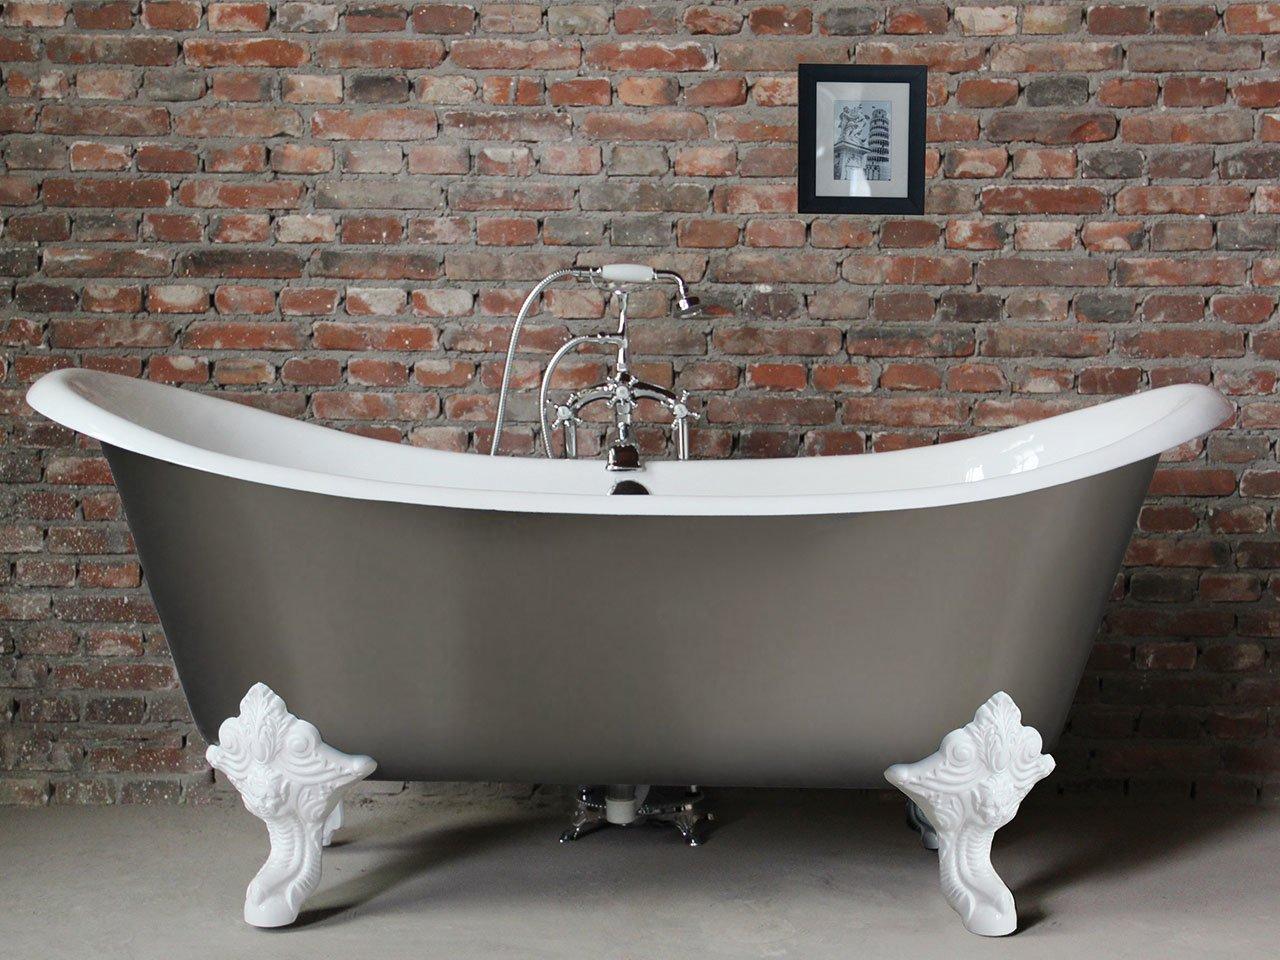 Vasca lucrezia 186x77 bianco grigio iperceramica for Offerta sanitari bagno